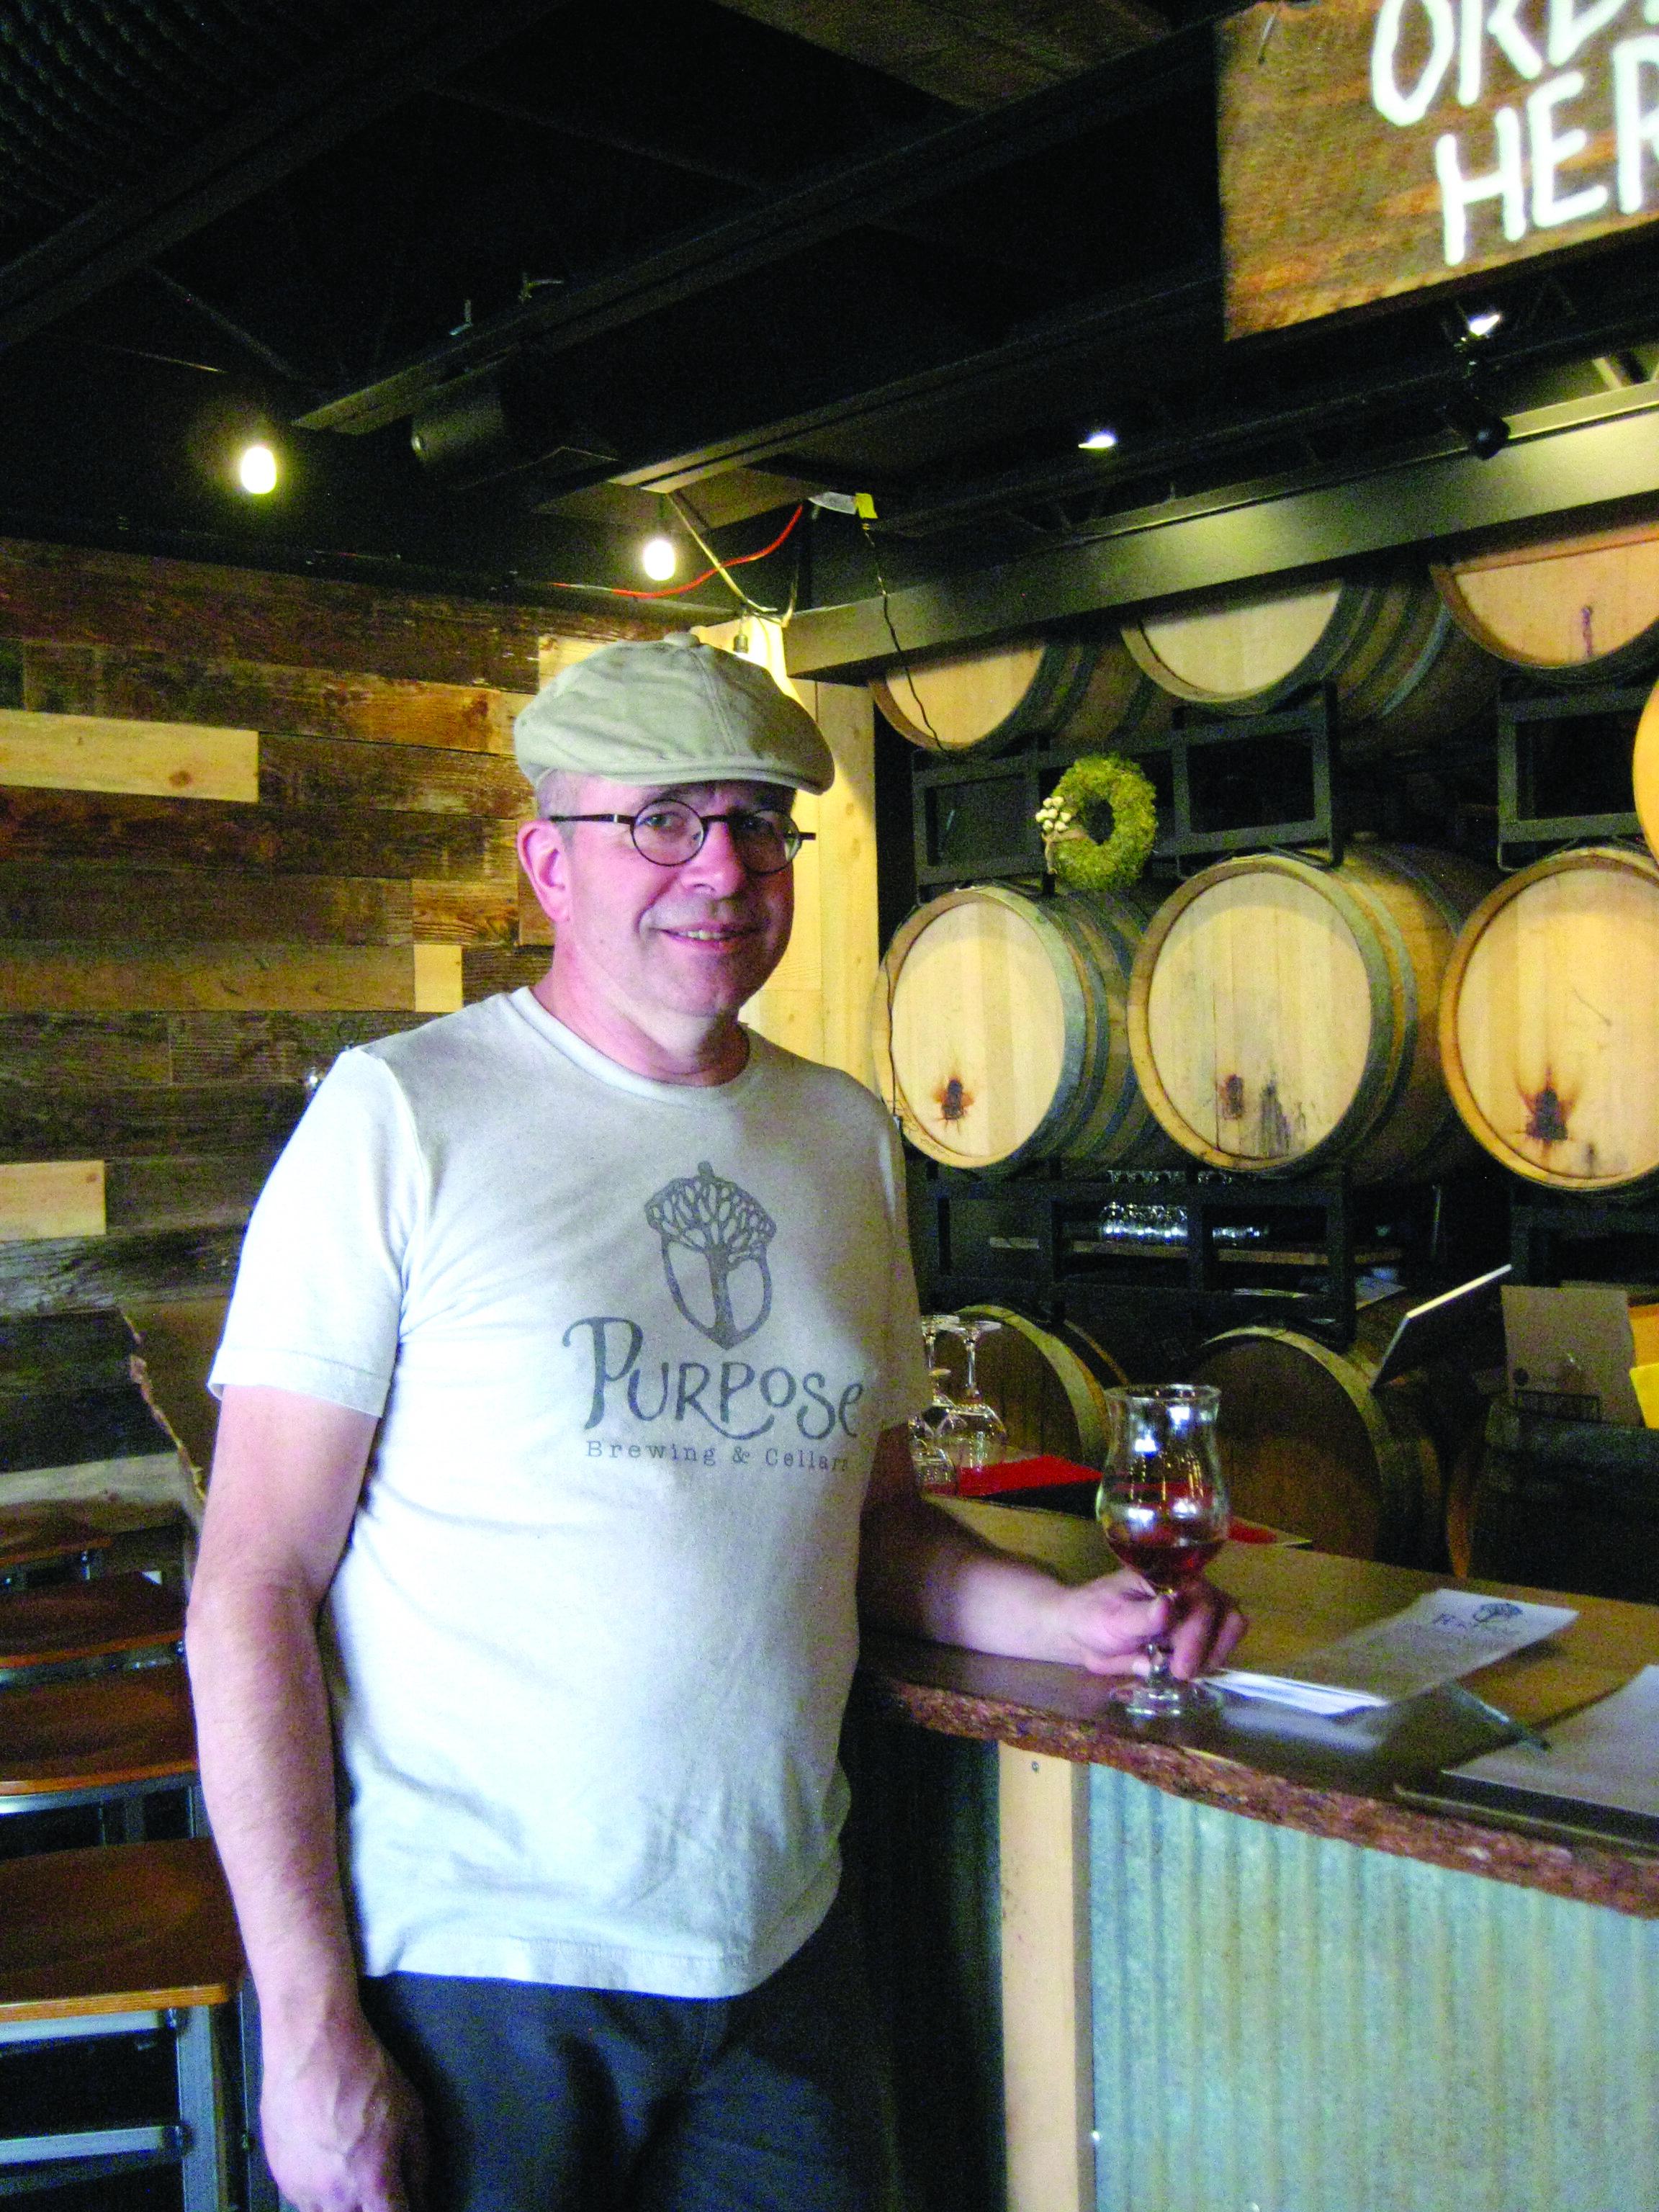 Peter Bouckaert at Purpose Brewing.